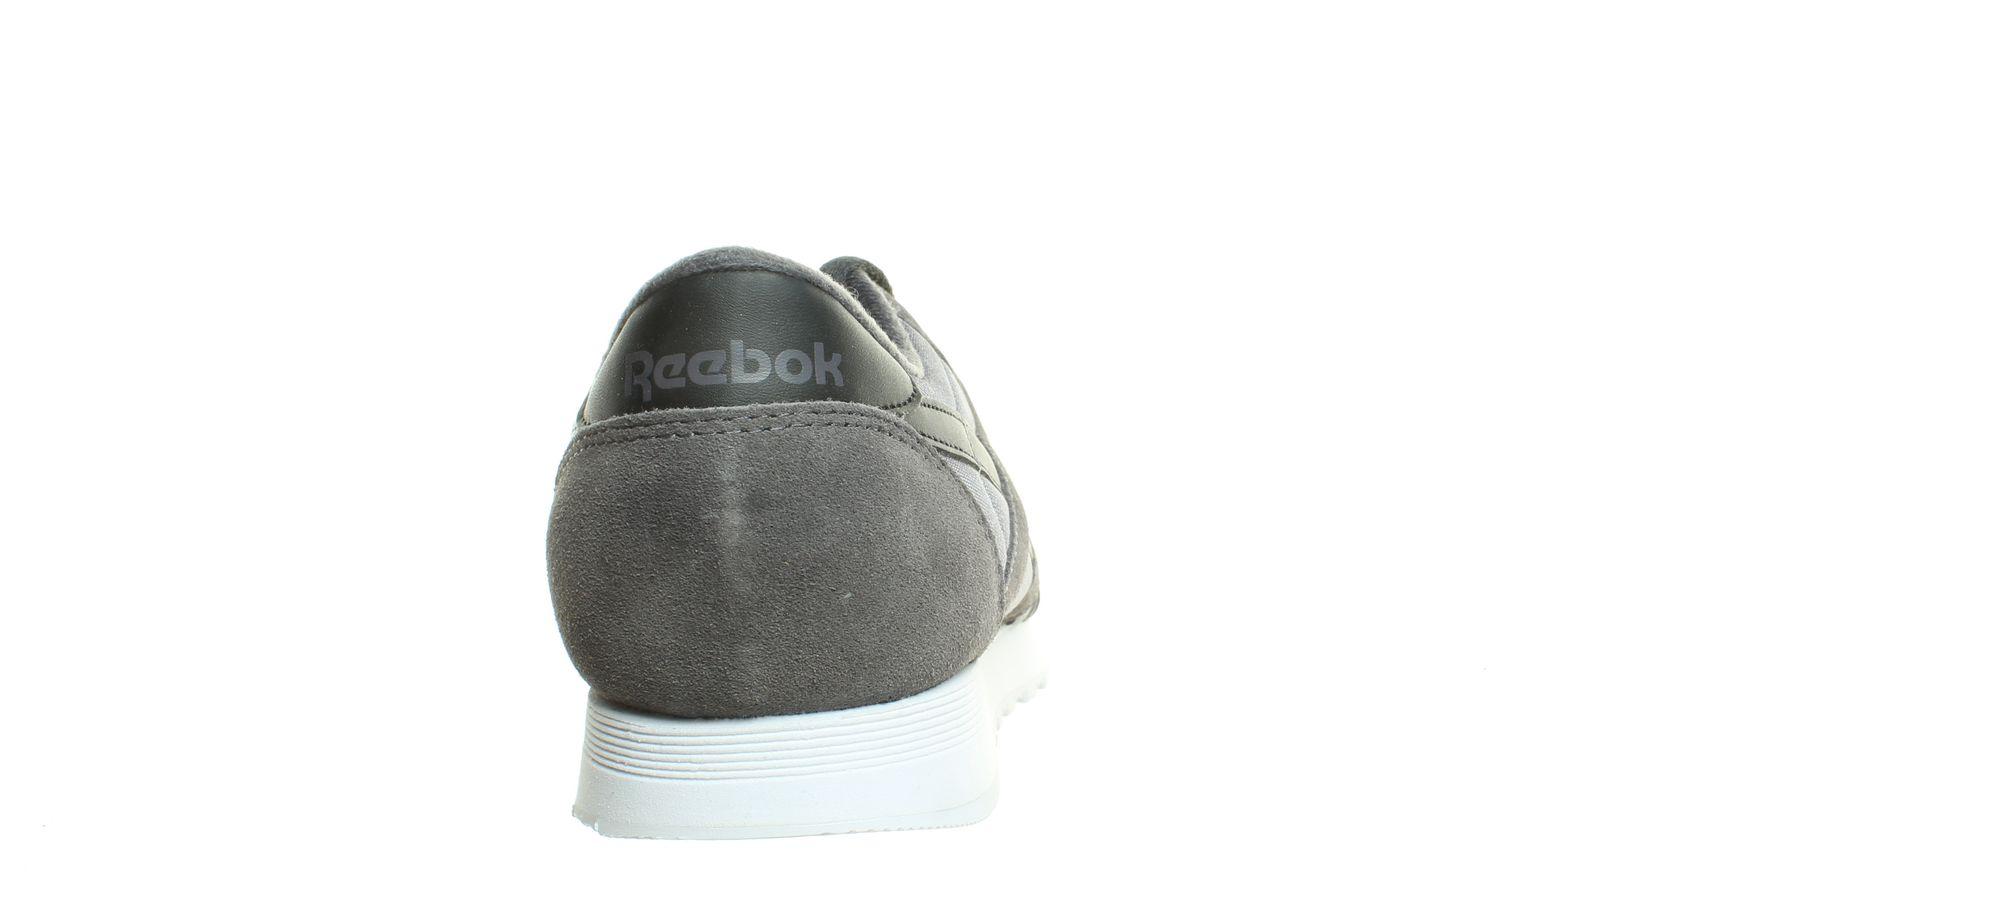 Reebok-Mens-Cl-Nylon-Fashion-Sneakers thumbnail 8